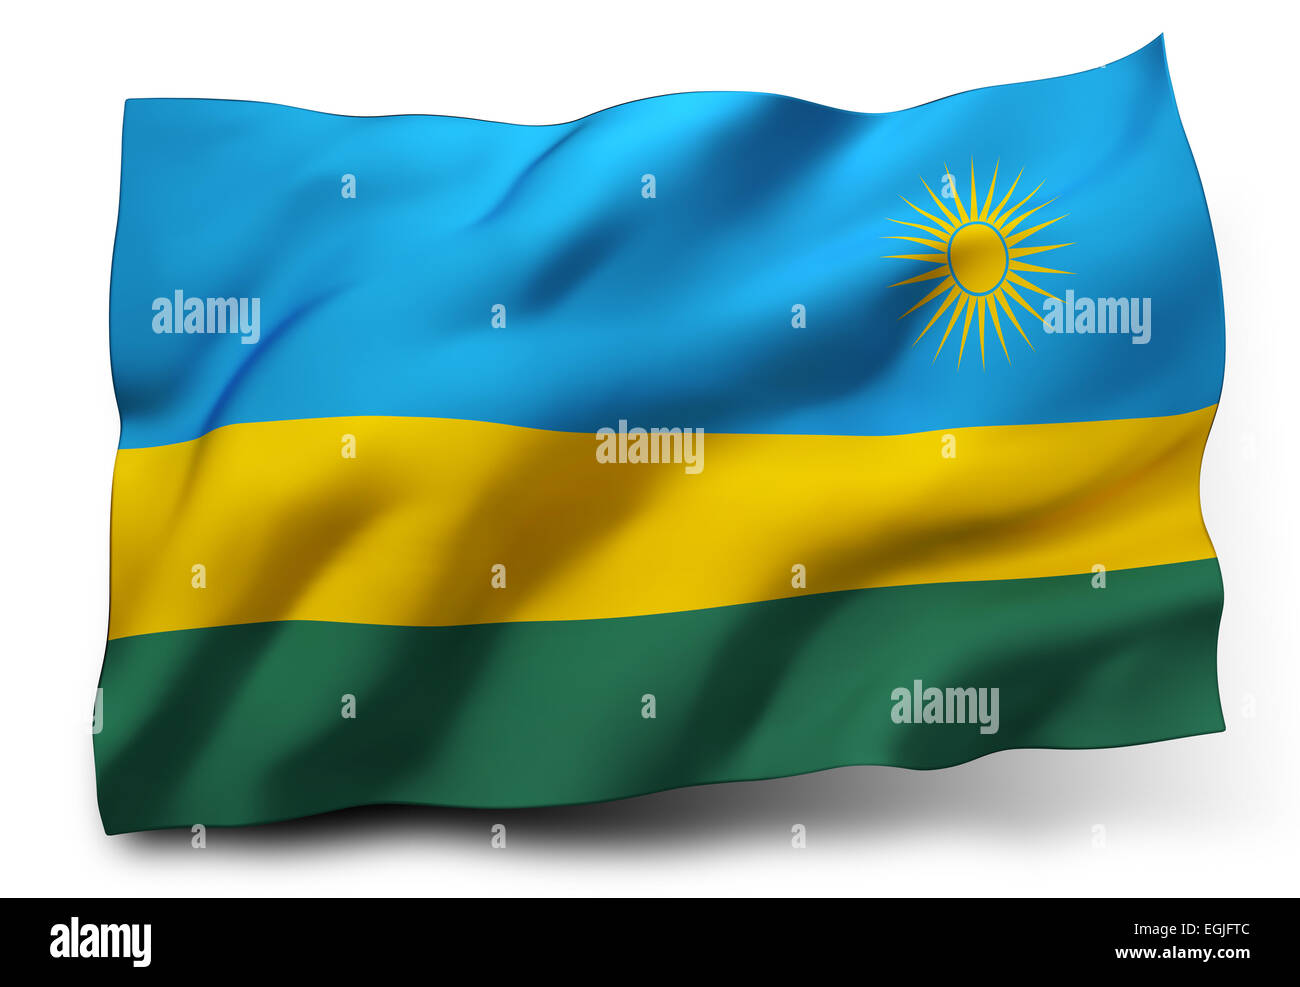 Waving flag of Rwanda isolated on white background - Stock Image